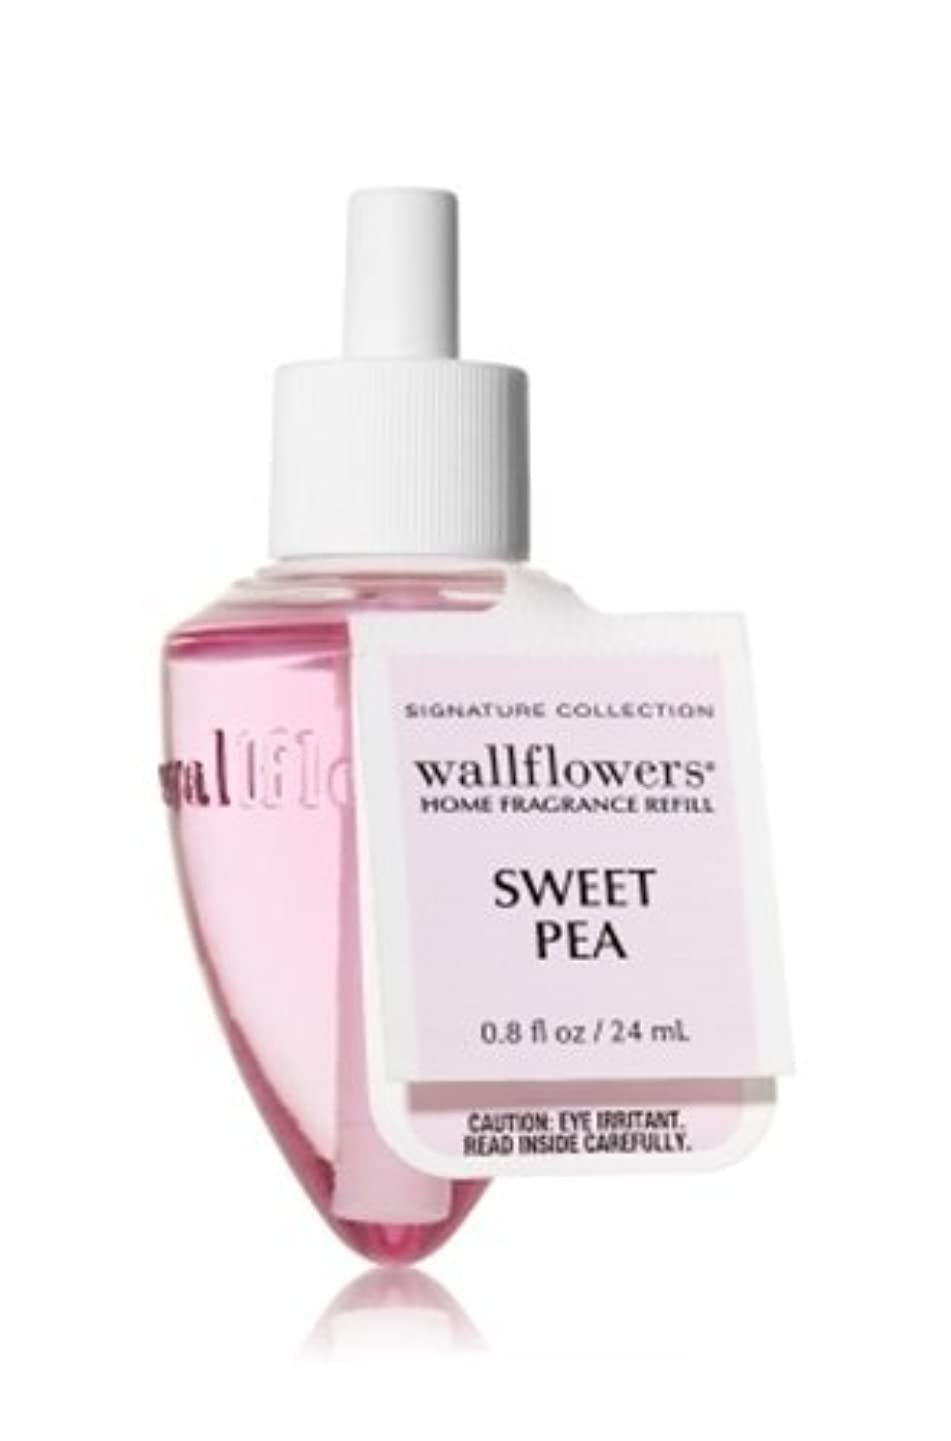 に頼るコモランマステップBath & Body Works(バス&ボディワークス)スイートピー ホームフレグランス レフィル(本体は別売りです)Sweet Pea Wallflowers Refill Single Bottles [並行輸入品]